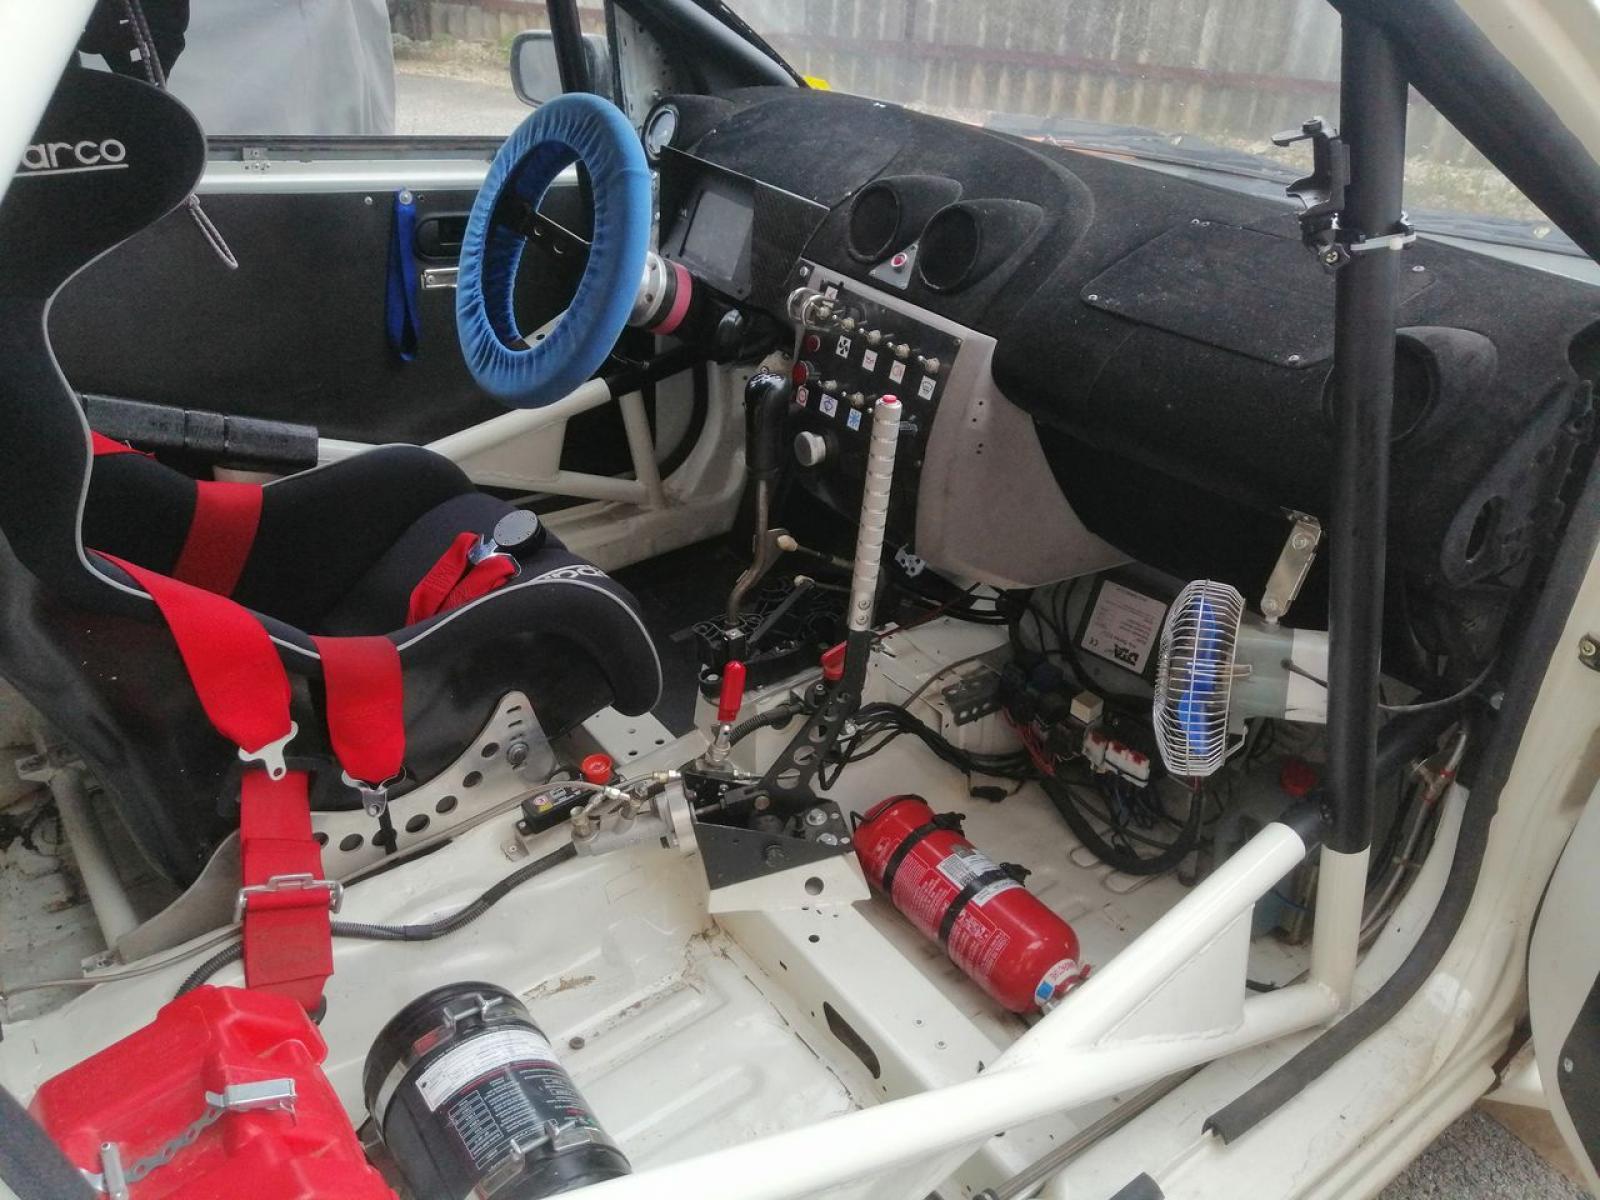 Ford Fiesta RX 2003 - 2